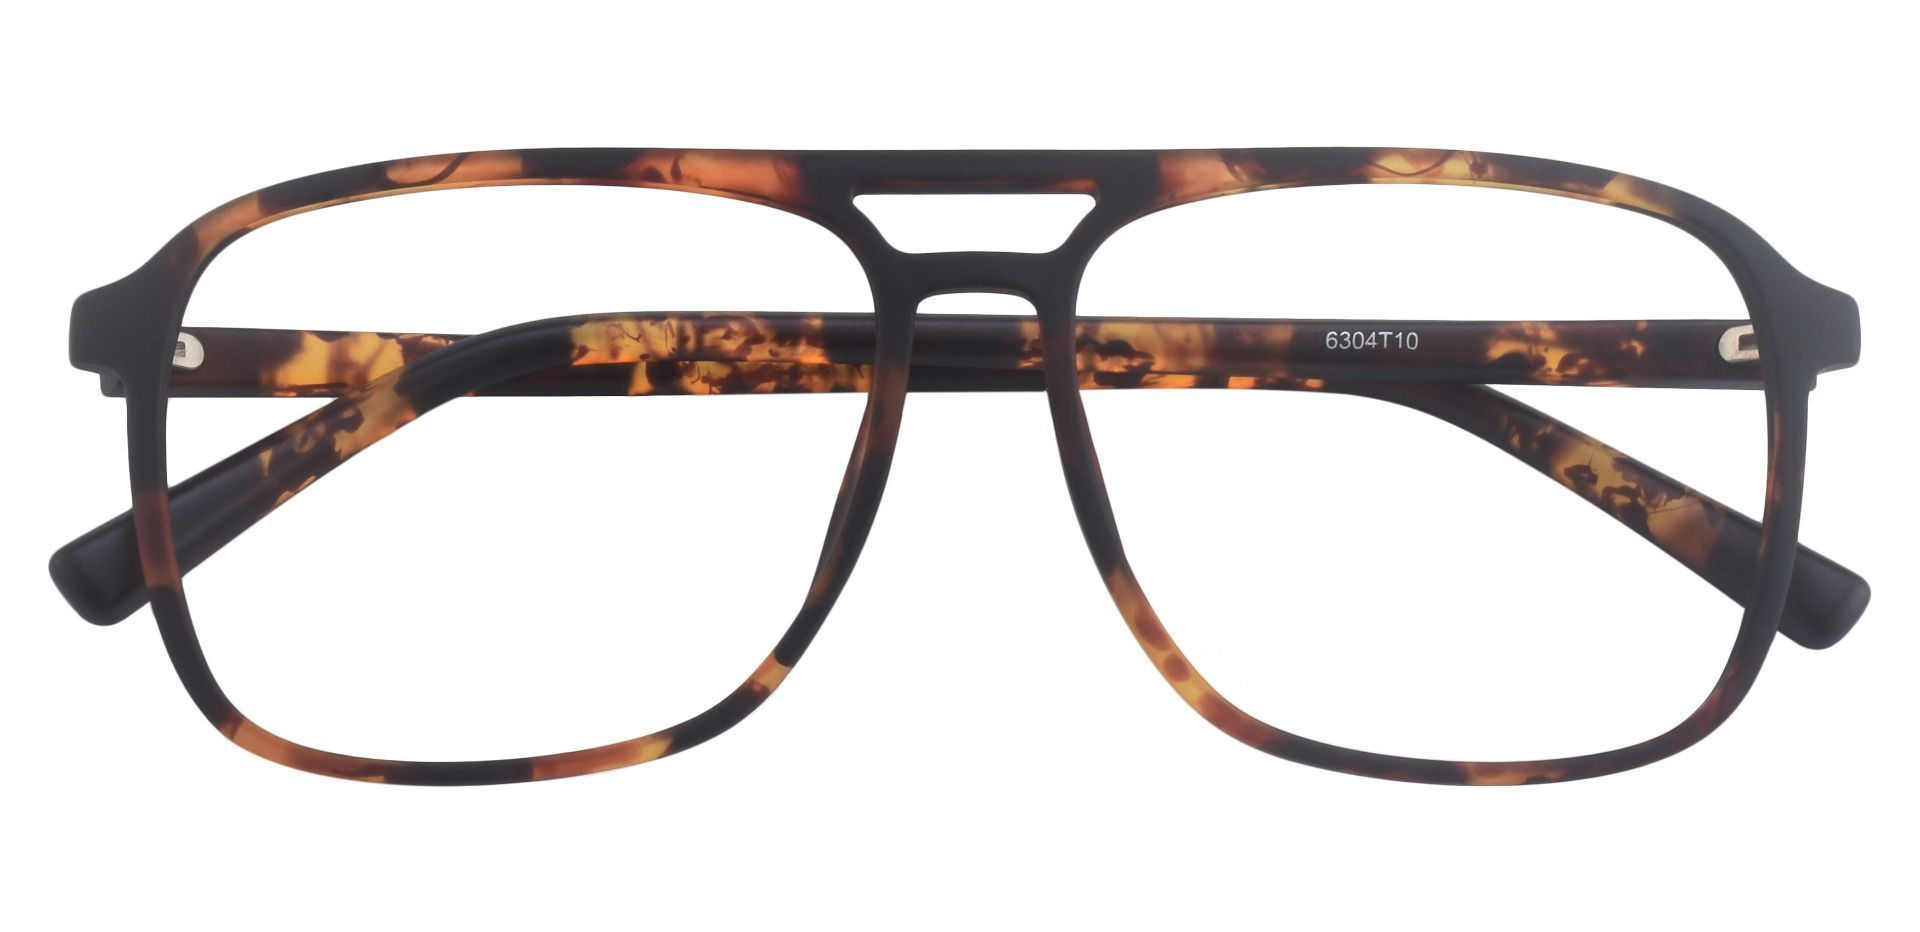 Edward Aviator Prescription Glasses - Tortoise